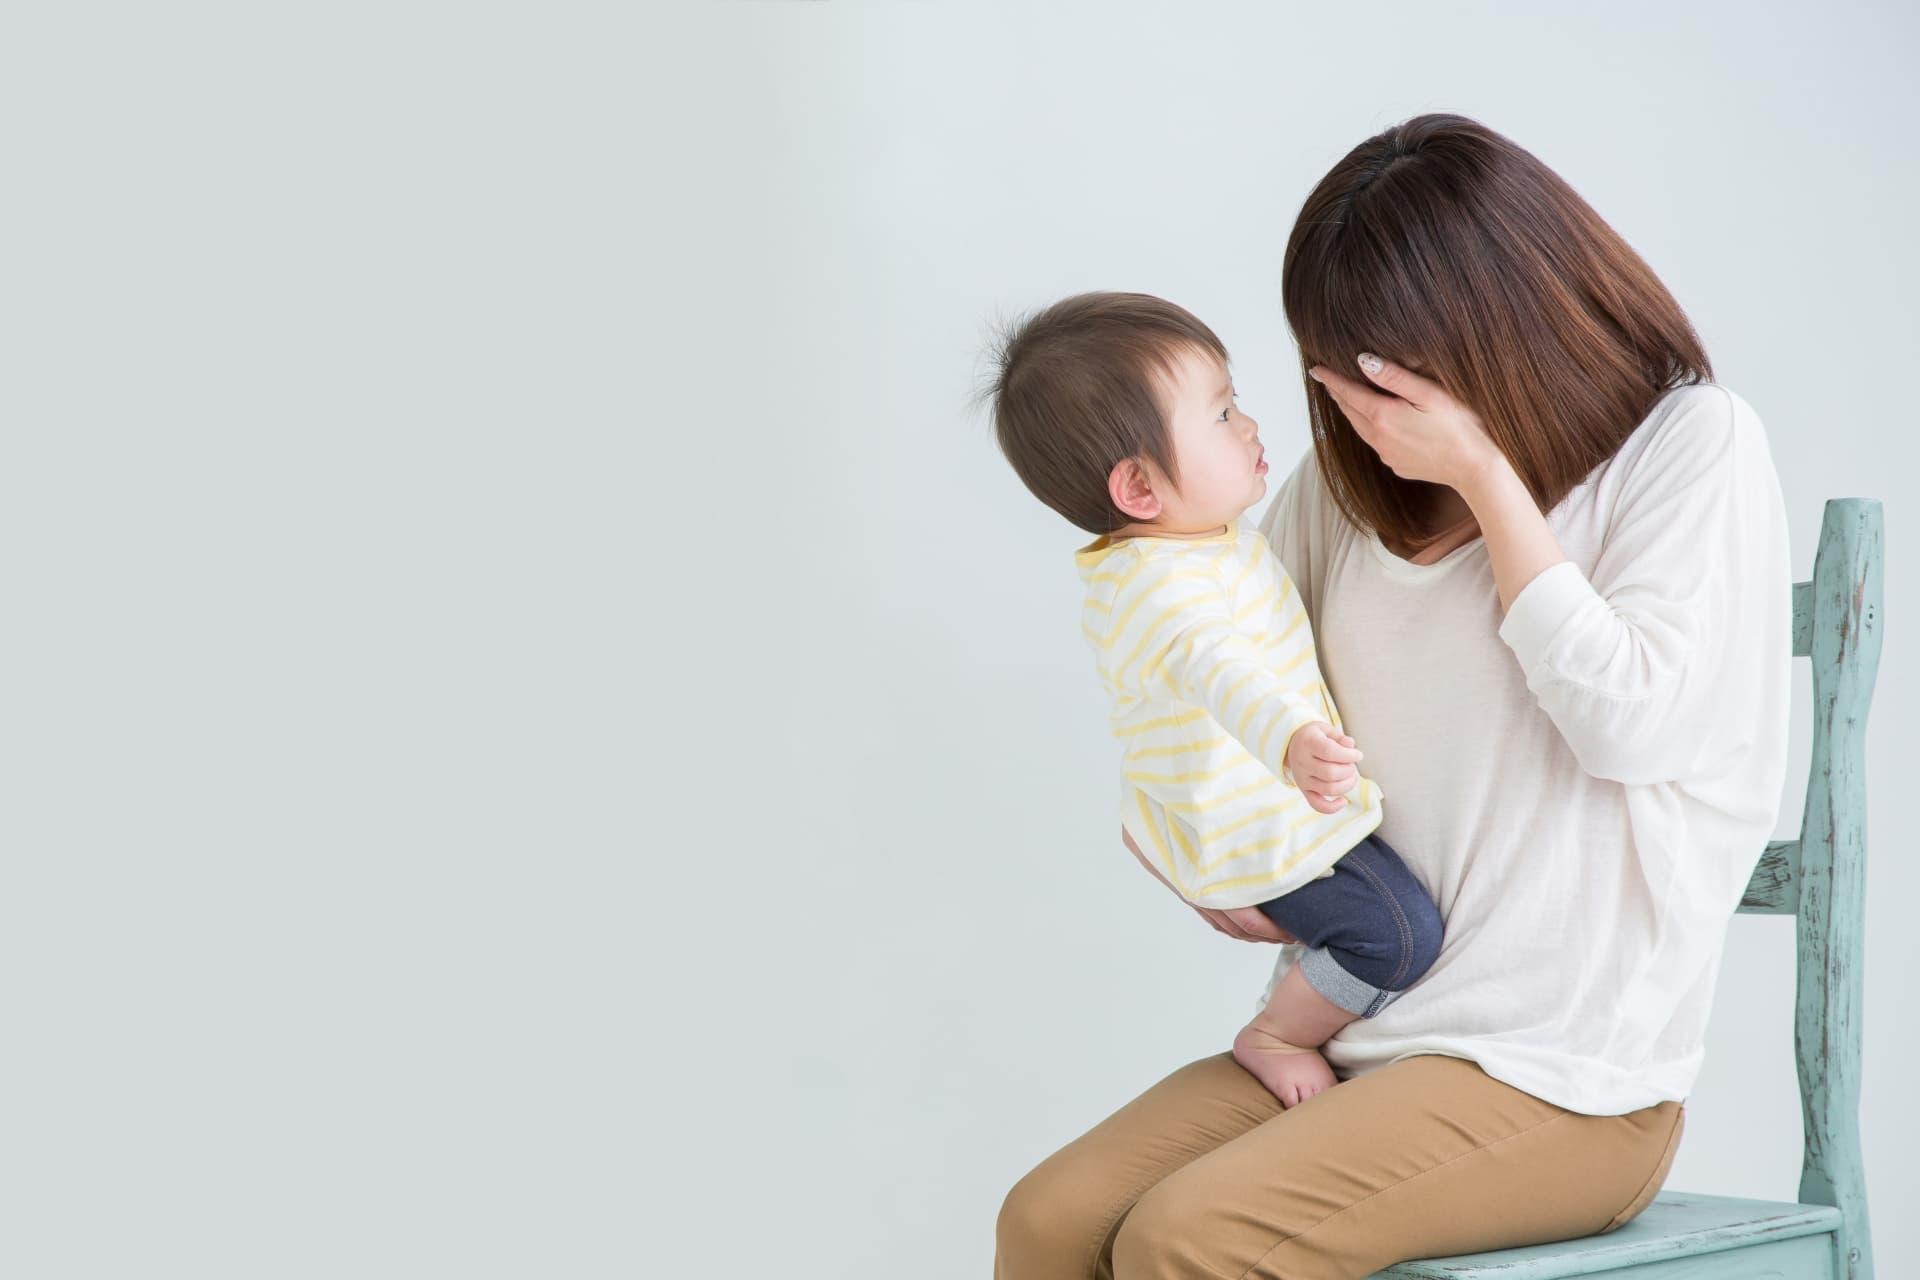 【尿ラボ】帝王切開での産後に始まった尿漏れ